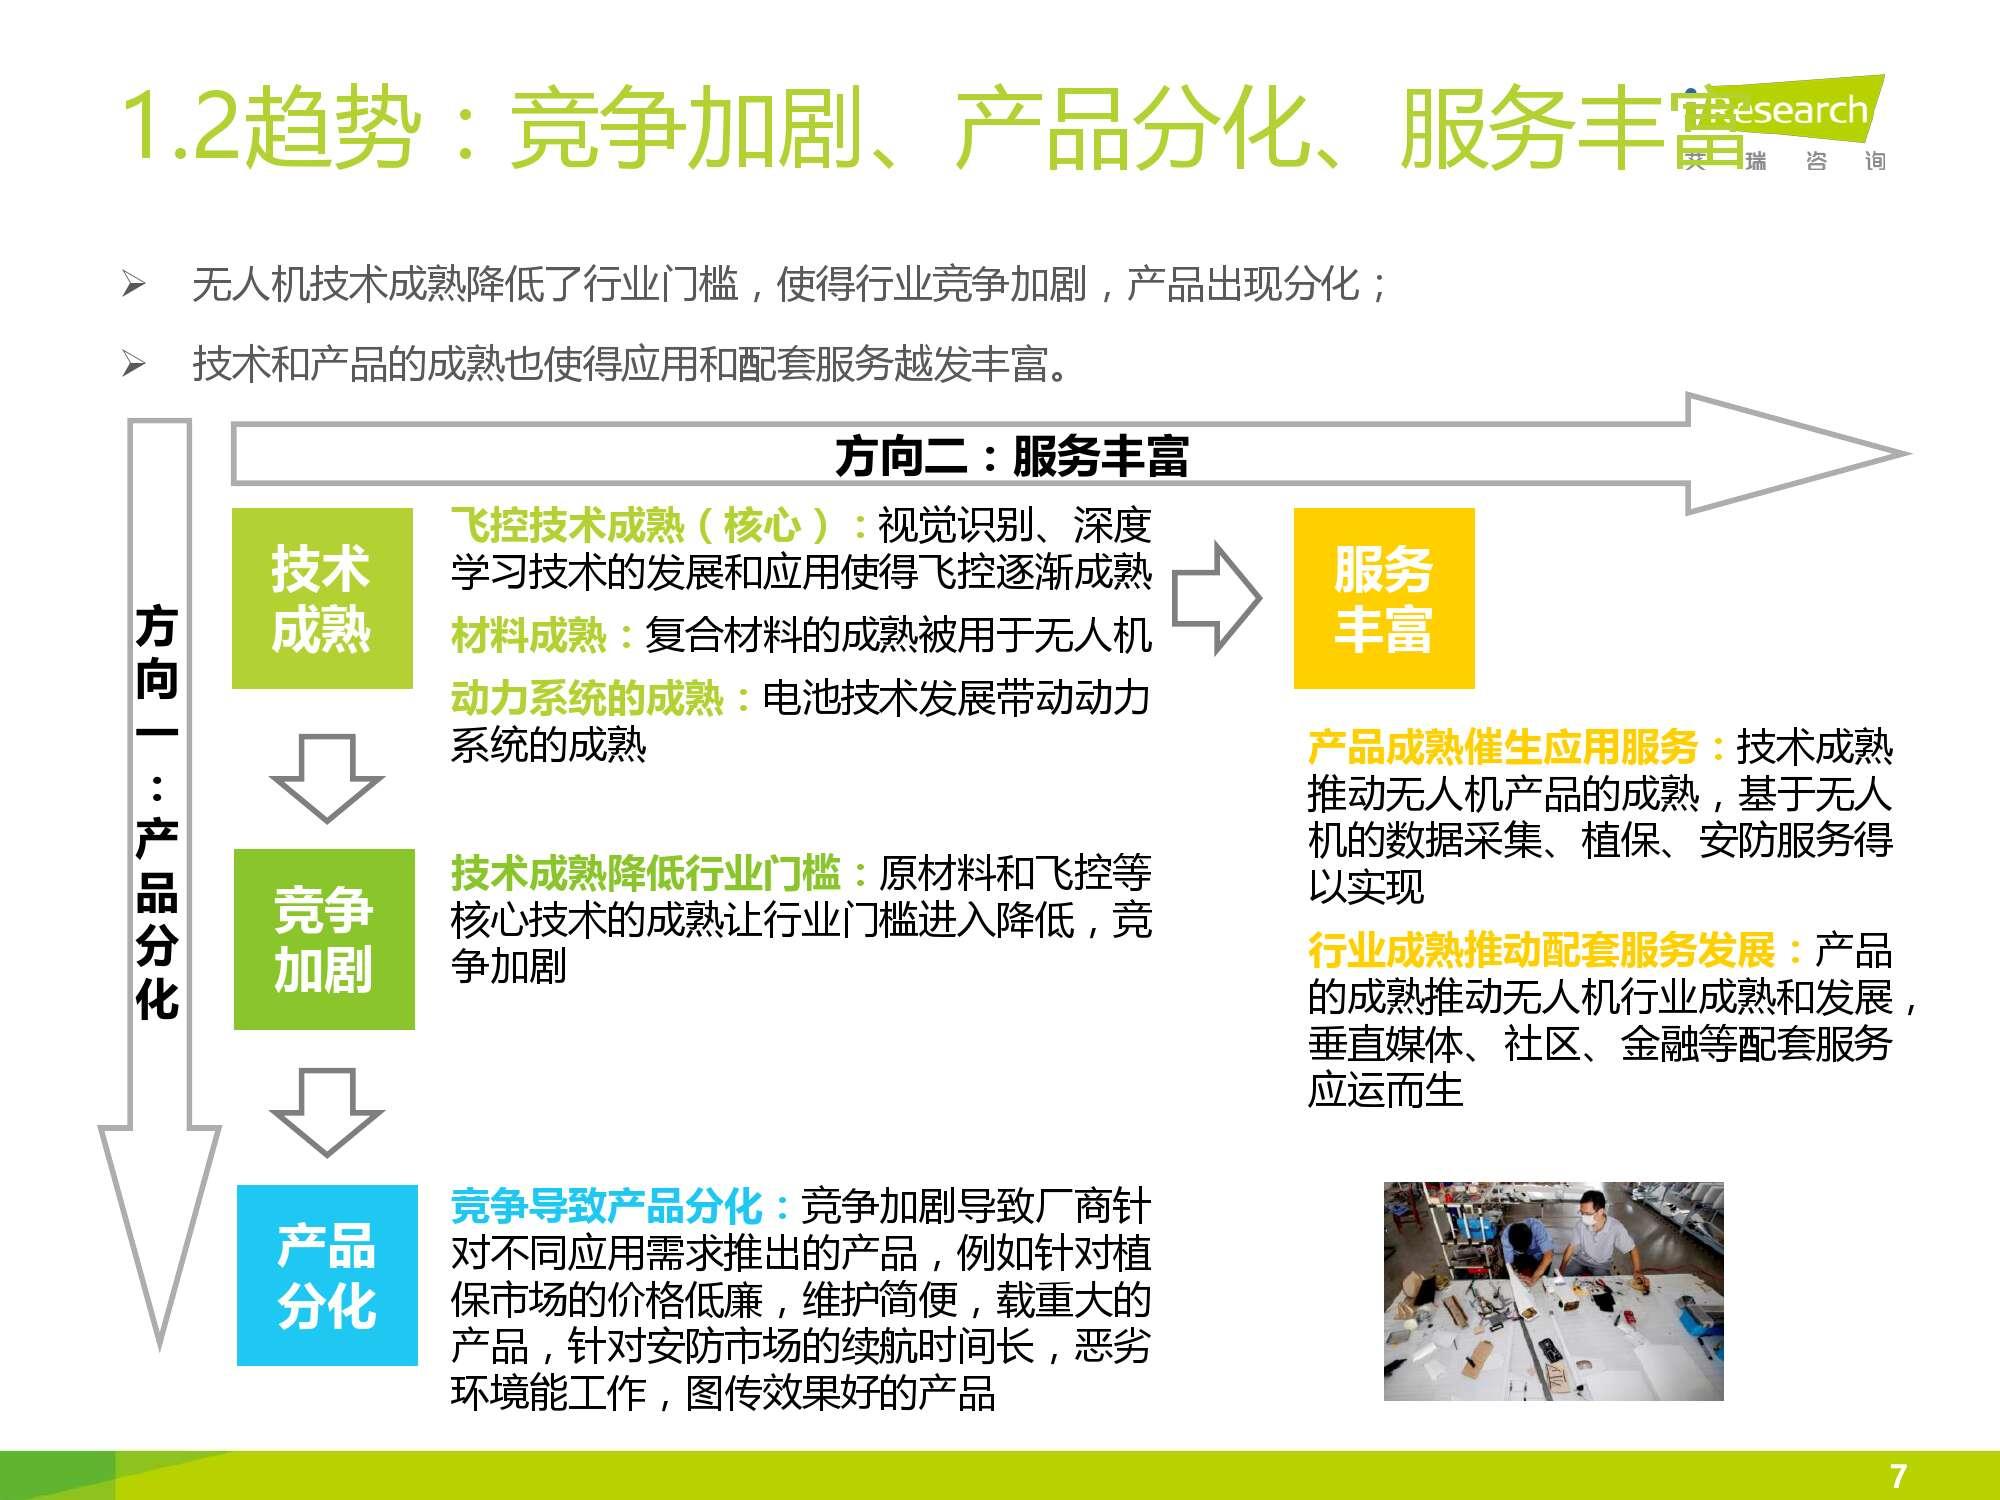 2016年中国无人机行业研究报告简版_000007